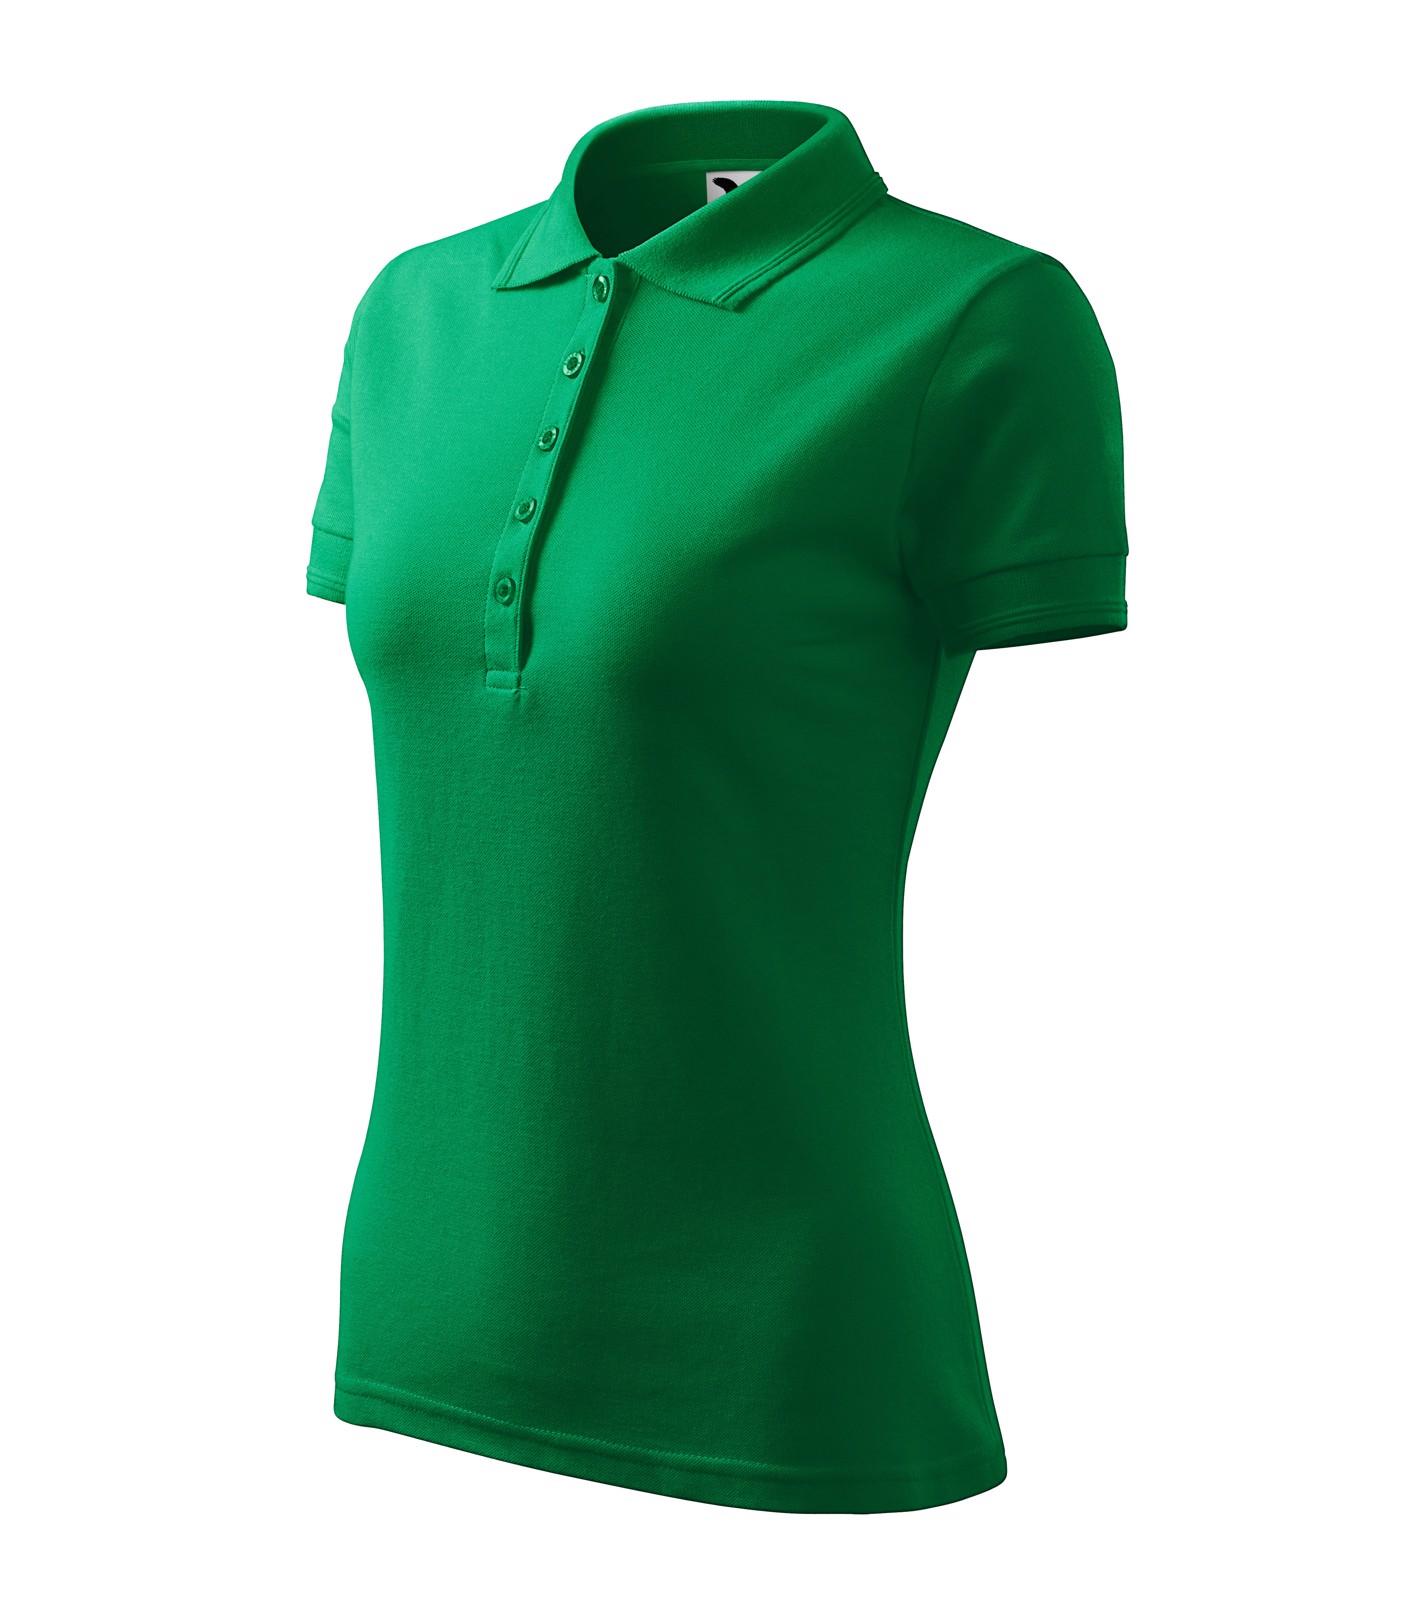 Polo Shirt women's Malfini Pique Polo - Kelly Green / XL